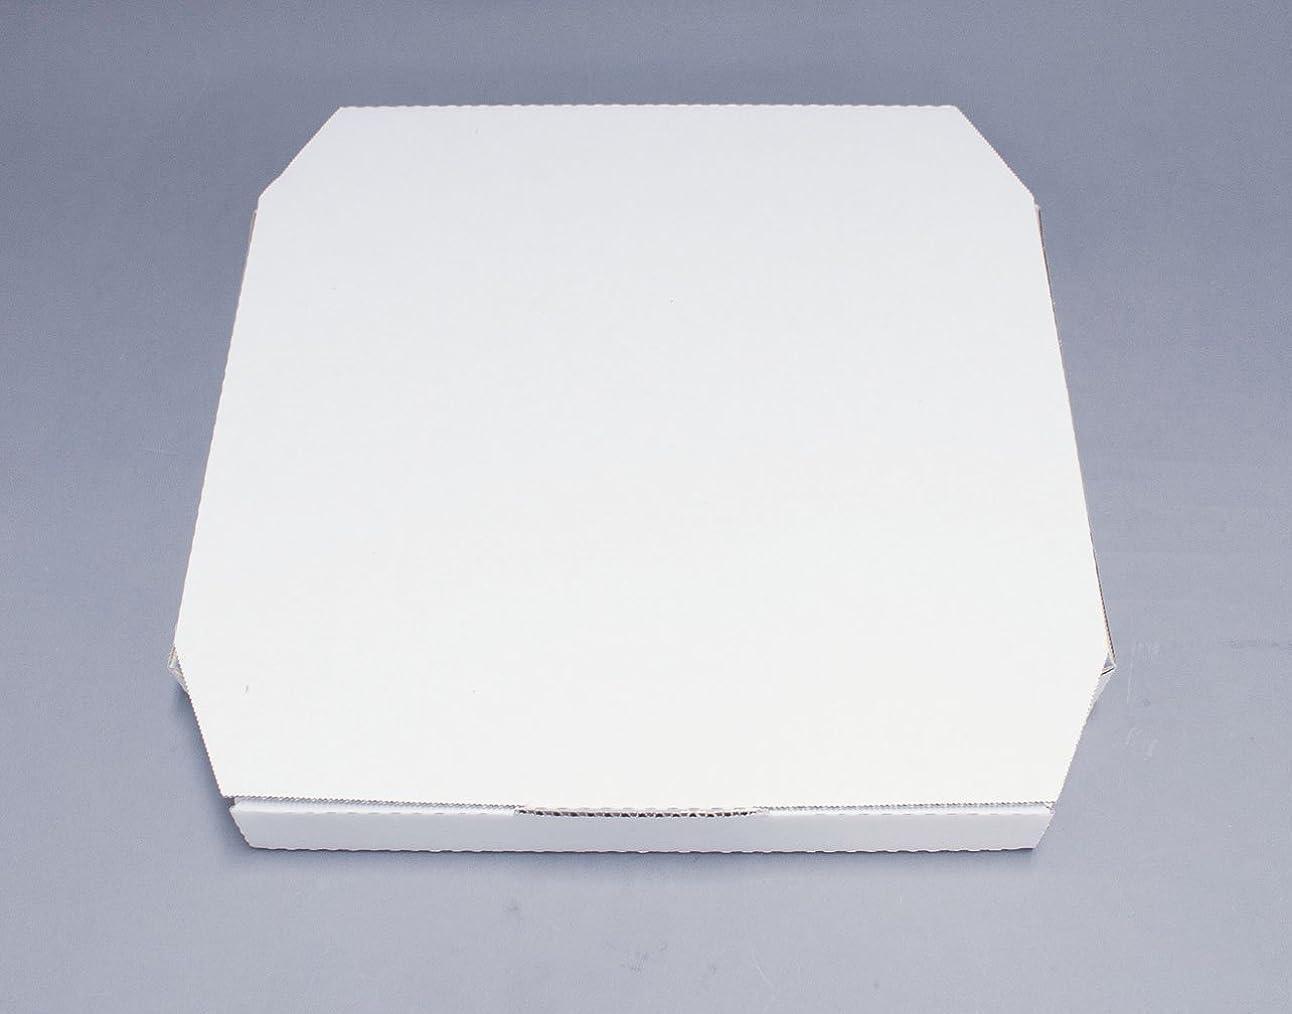 里親超越する里親ピザボックス 白(100枚入) 187116 10インチ